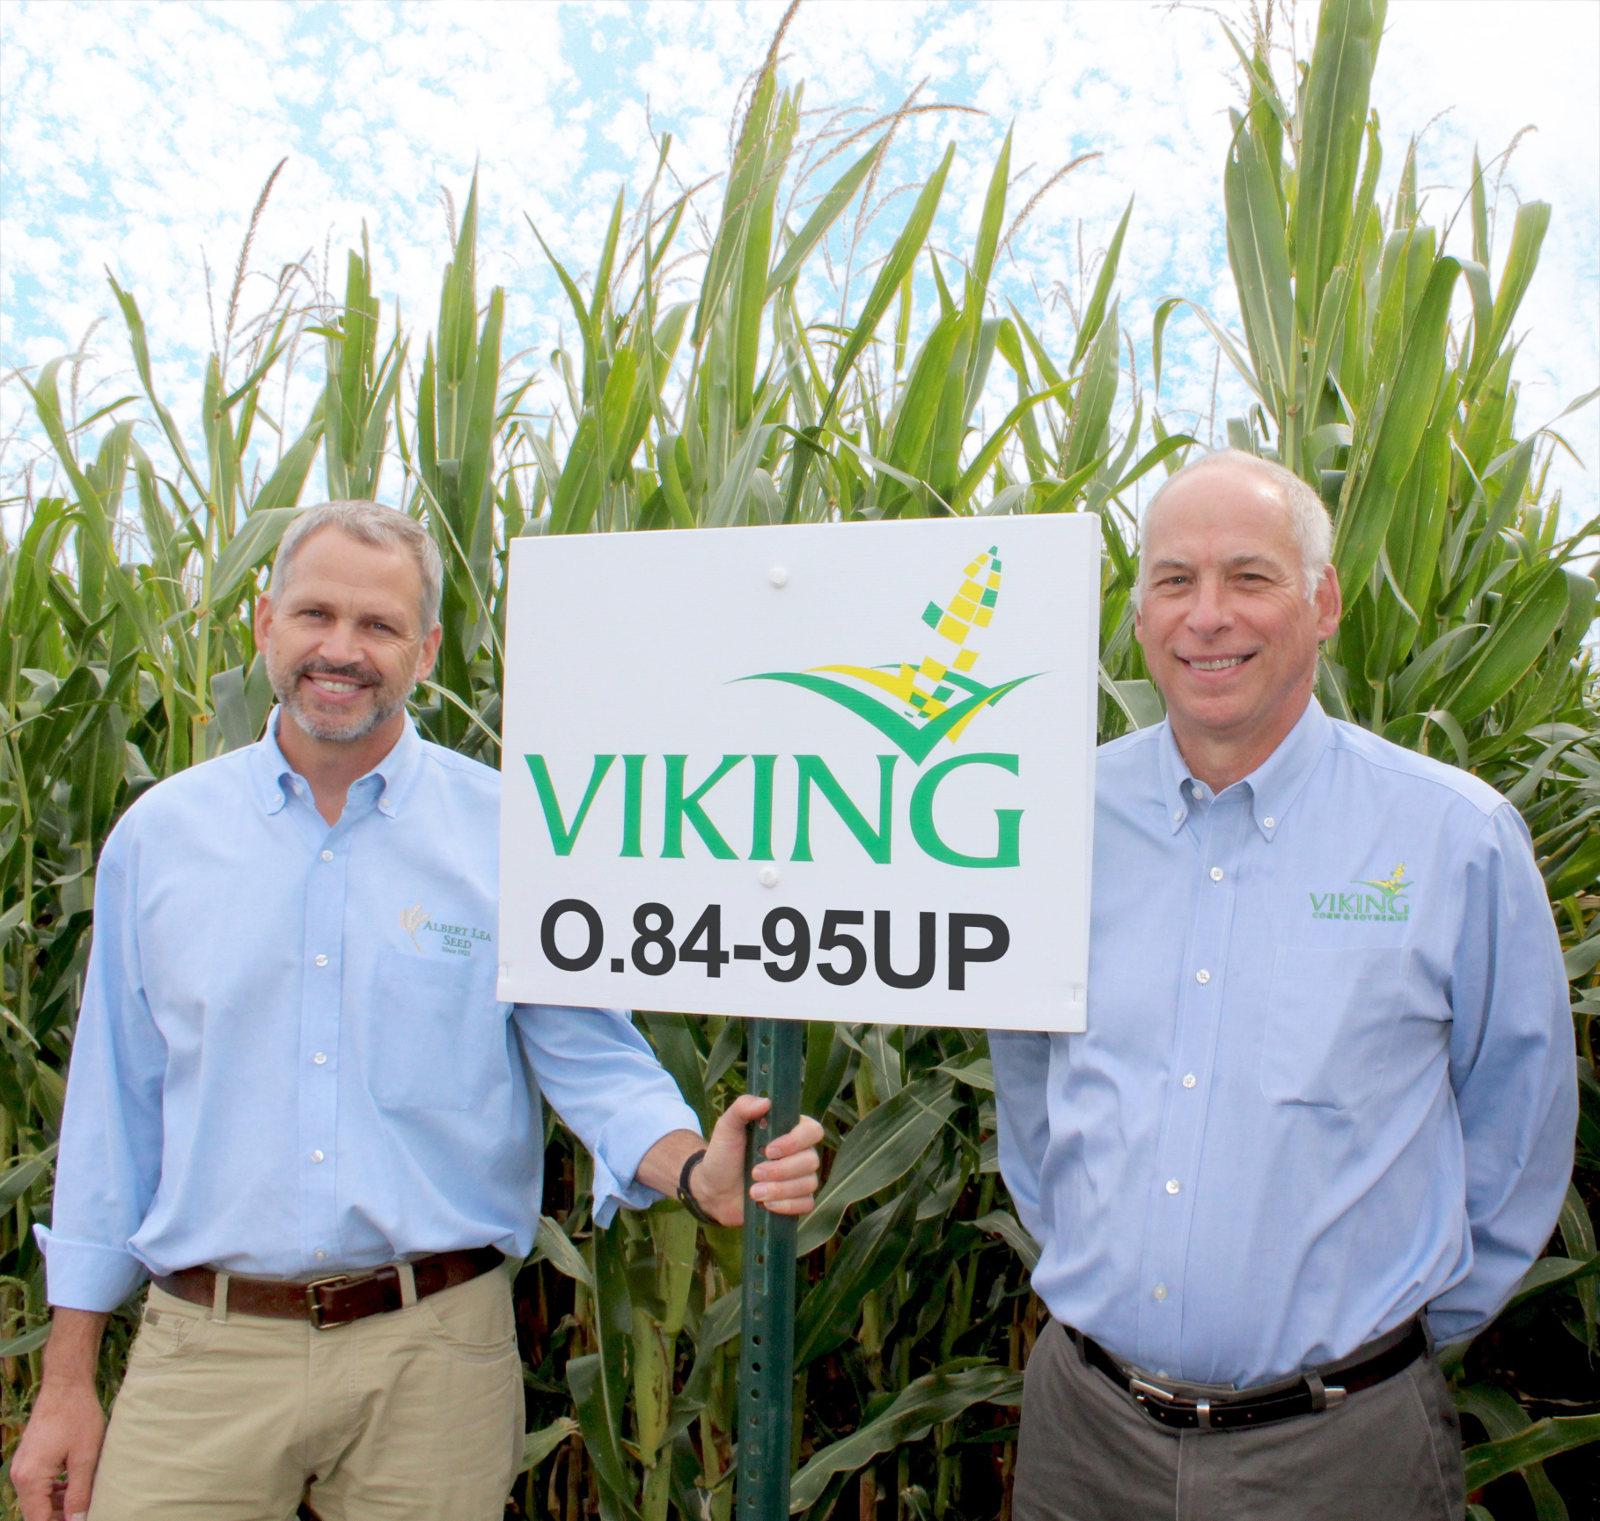 Mac and Tom Ehrhardt co-owners of Albert Lea Seed